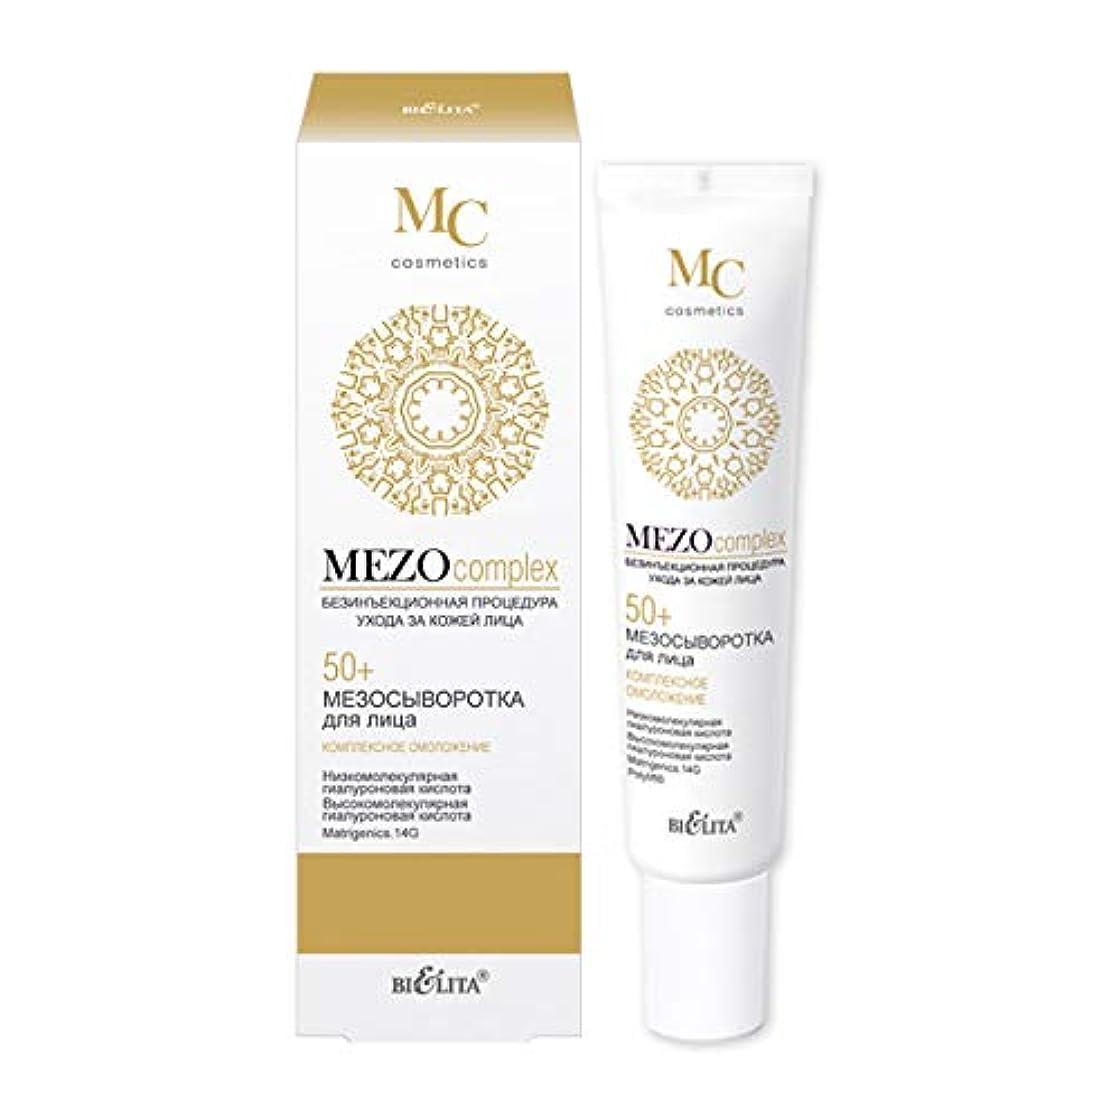 全部カッターシーケンスMezo complex | Mezo Serum Complex 50+ | Non-injection facial skin care procedure | Hyaluronic acid | Matrigenics...